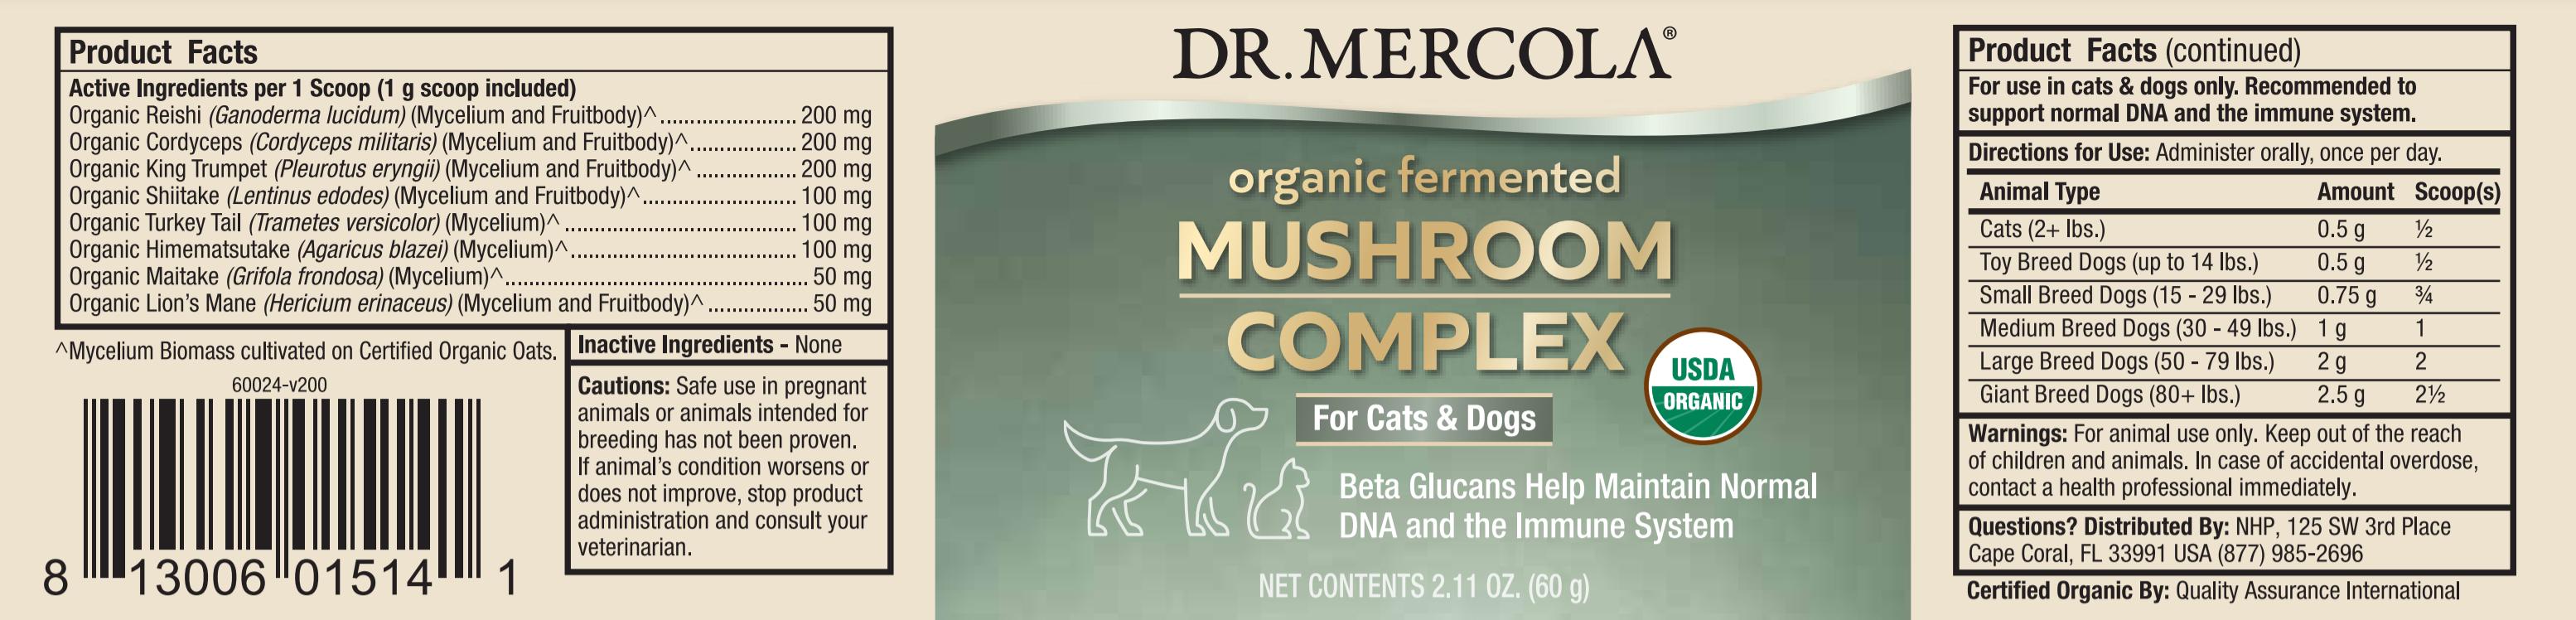 Dr Karen Becker Organic Fermented Mushroom Complex 02.png